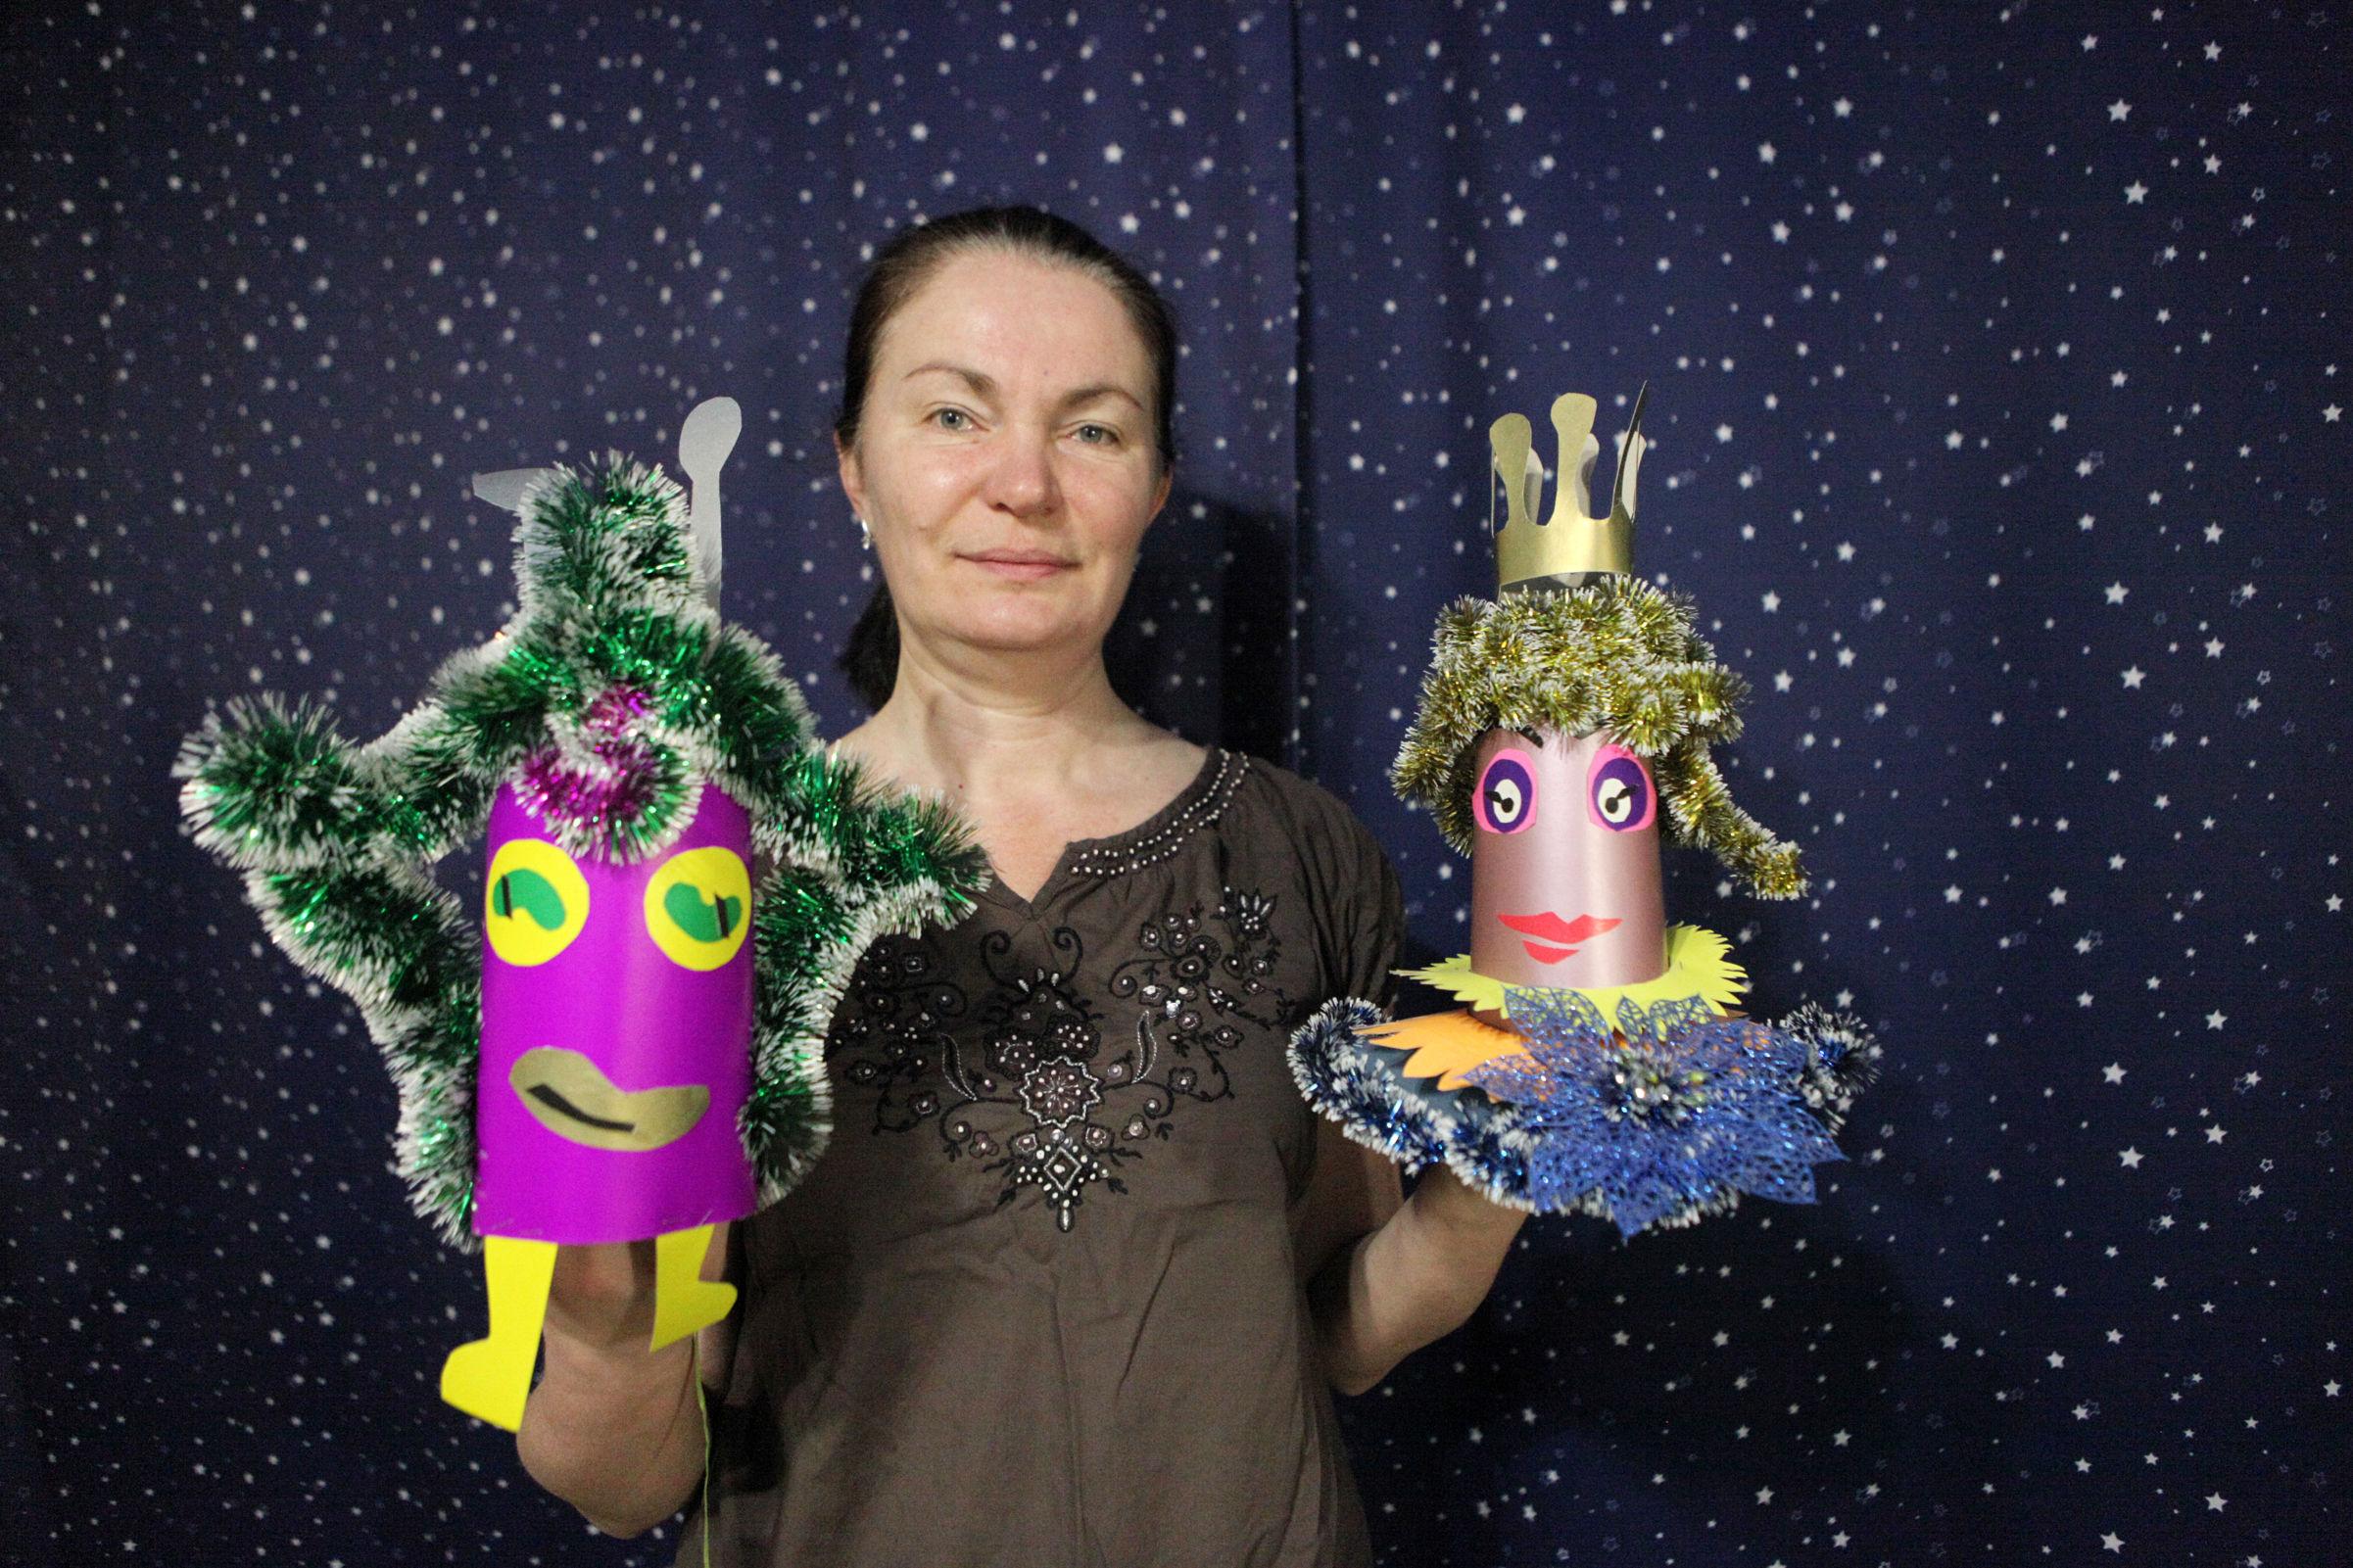 Семь простых шагов: ярославна рассказала, как сделать новогоднюю игрушку